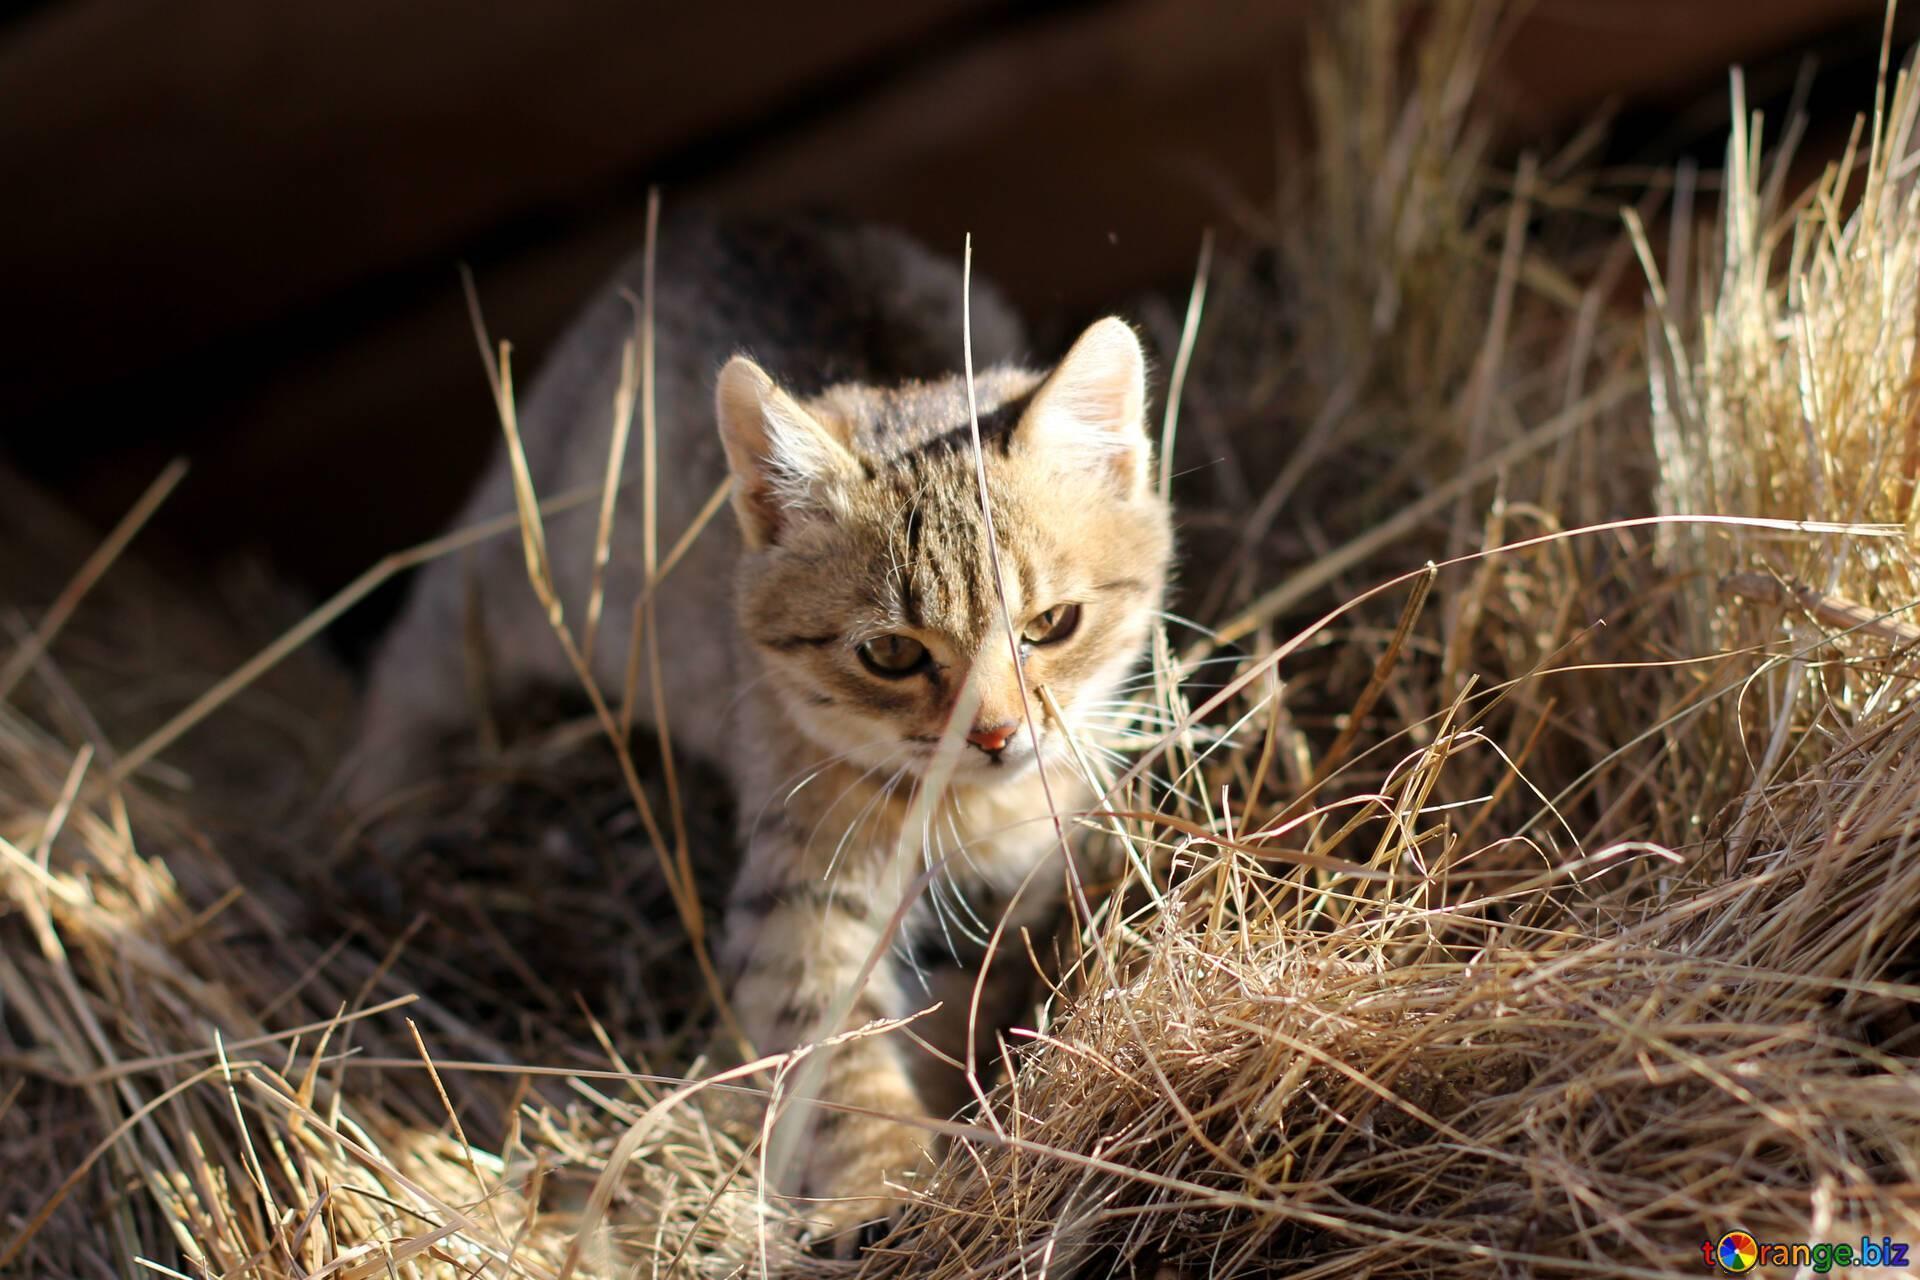 Кошки-крысоловы или крысы-каннибалы: как избавиться от грызунов в магадане